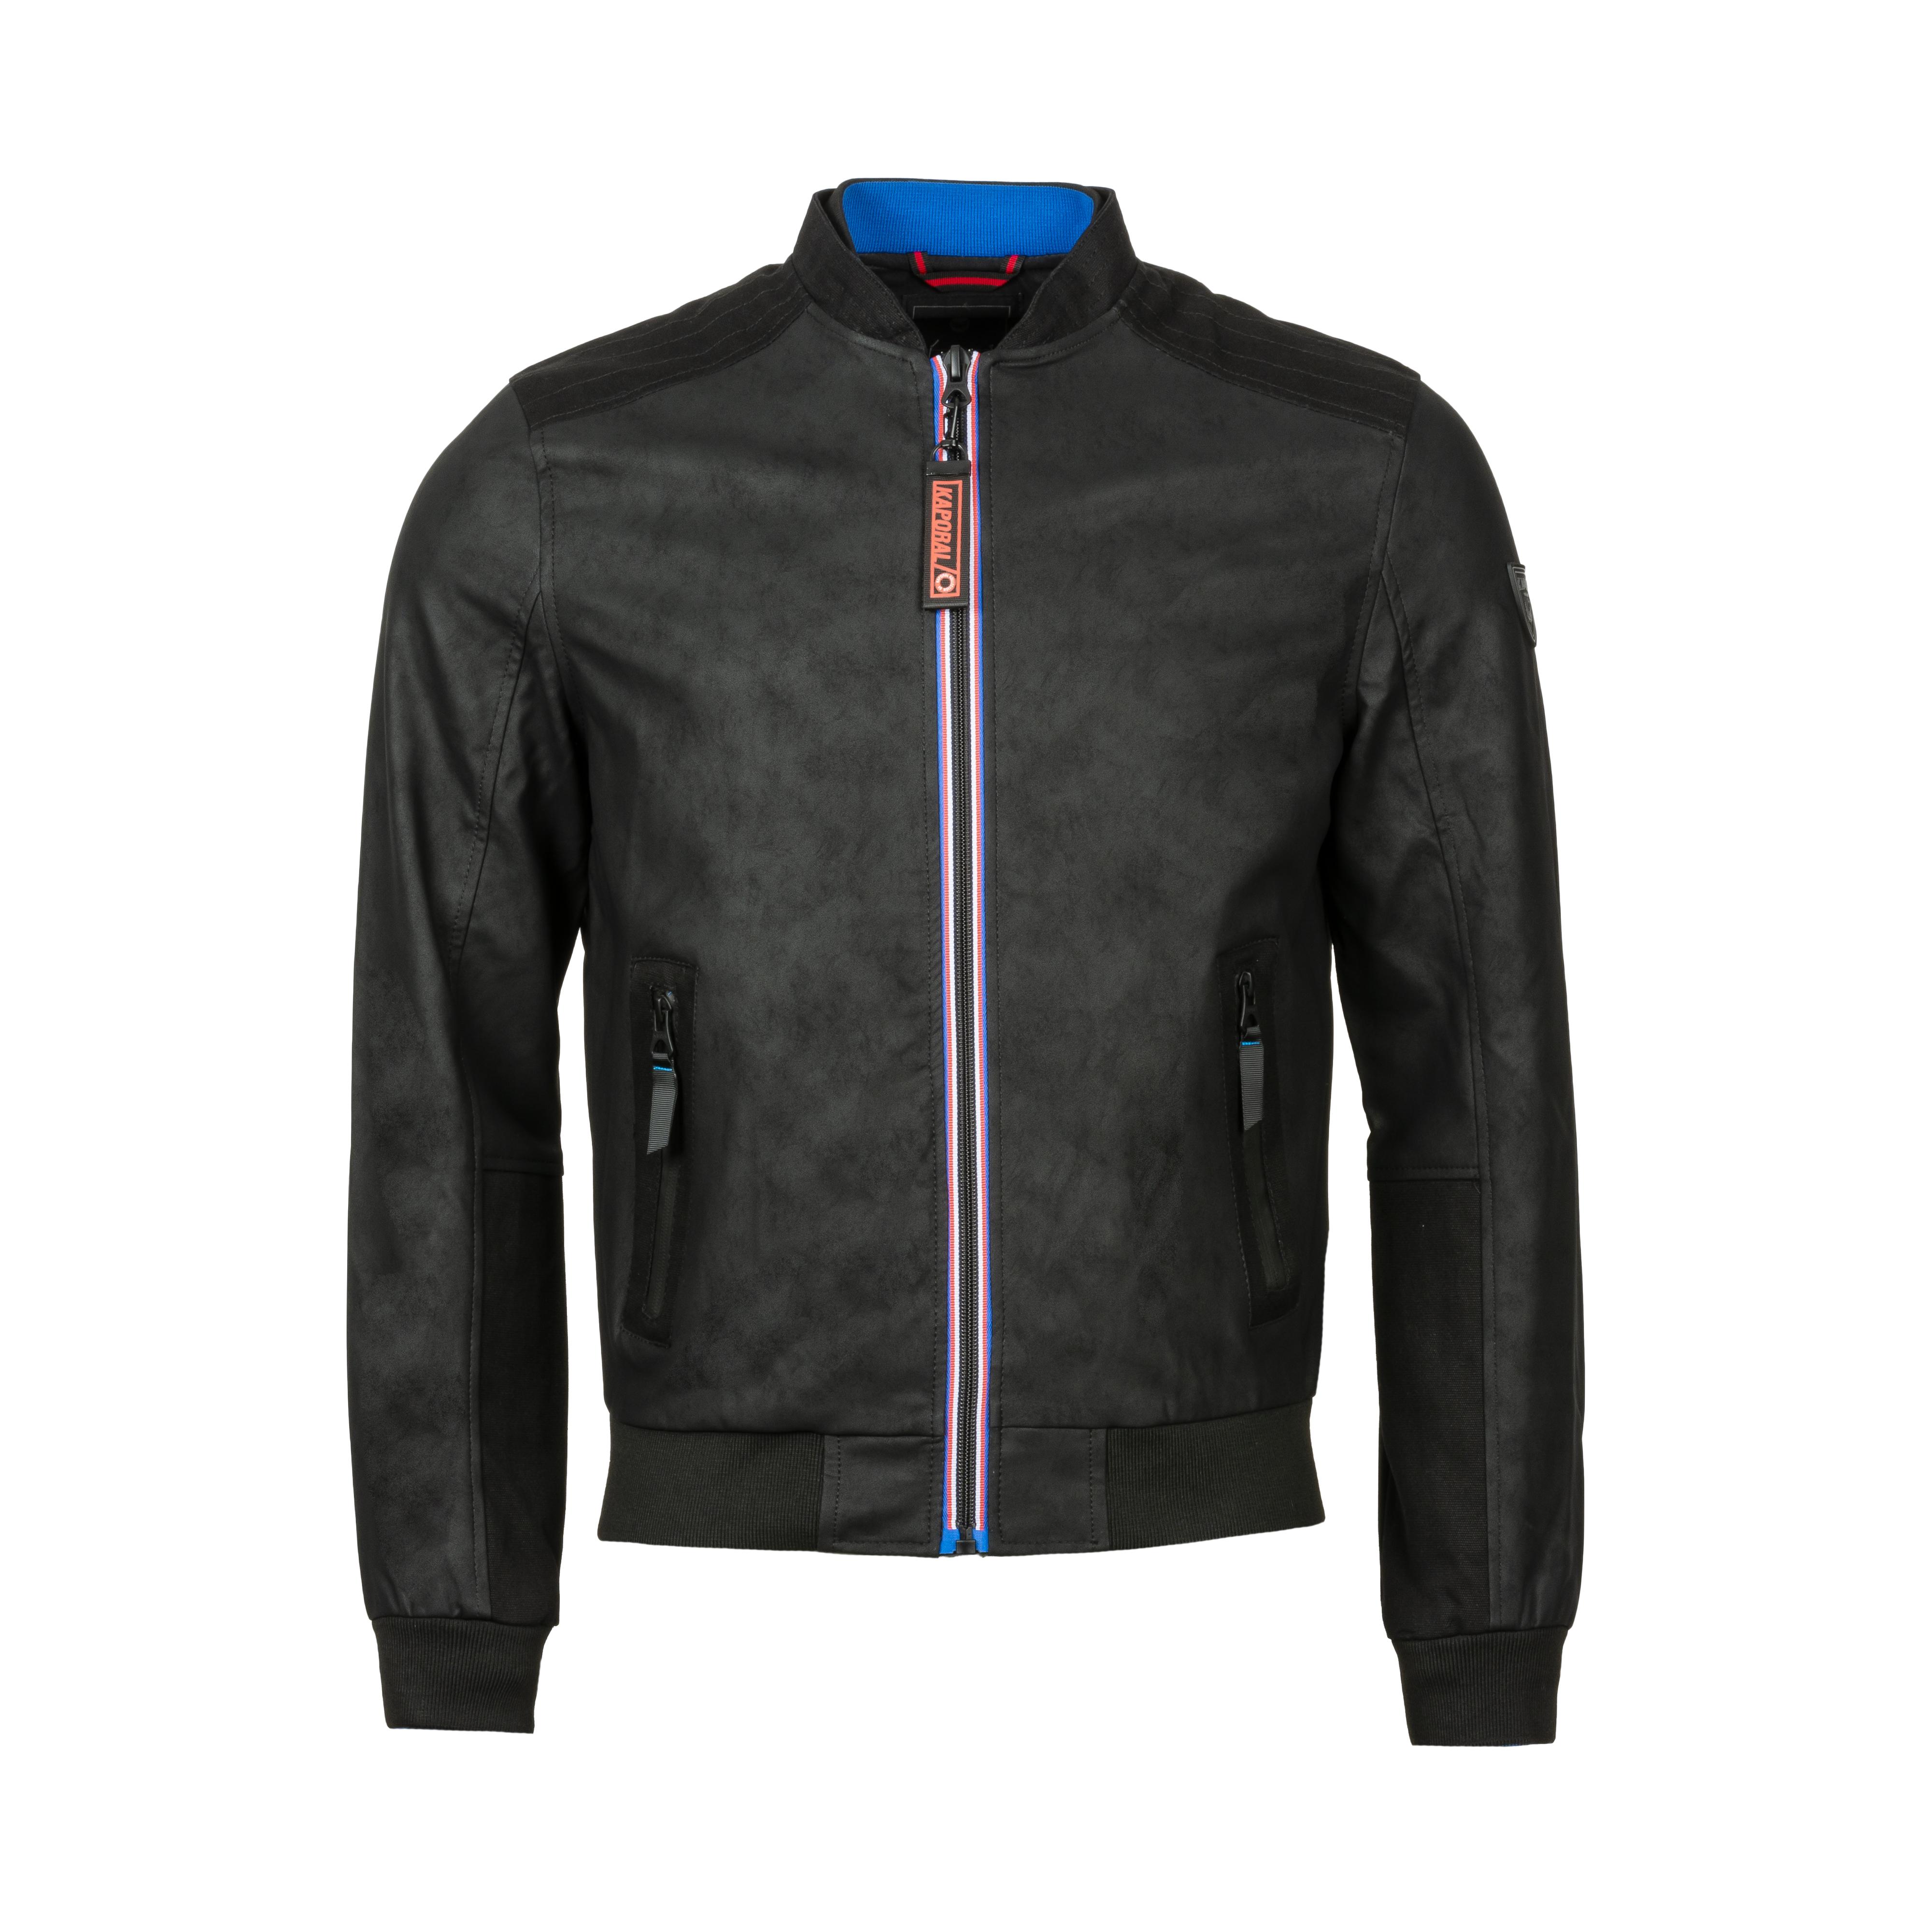 Veste zippée  cool noire